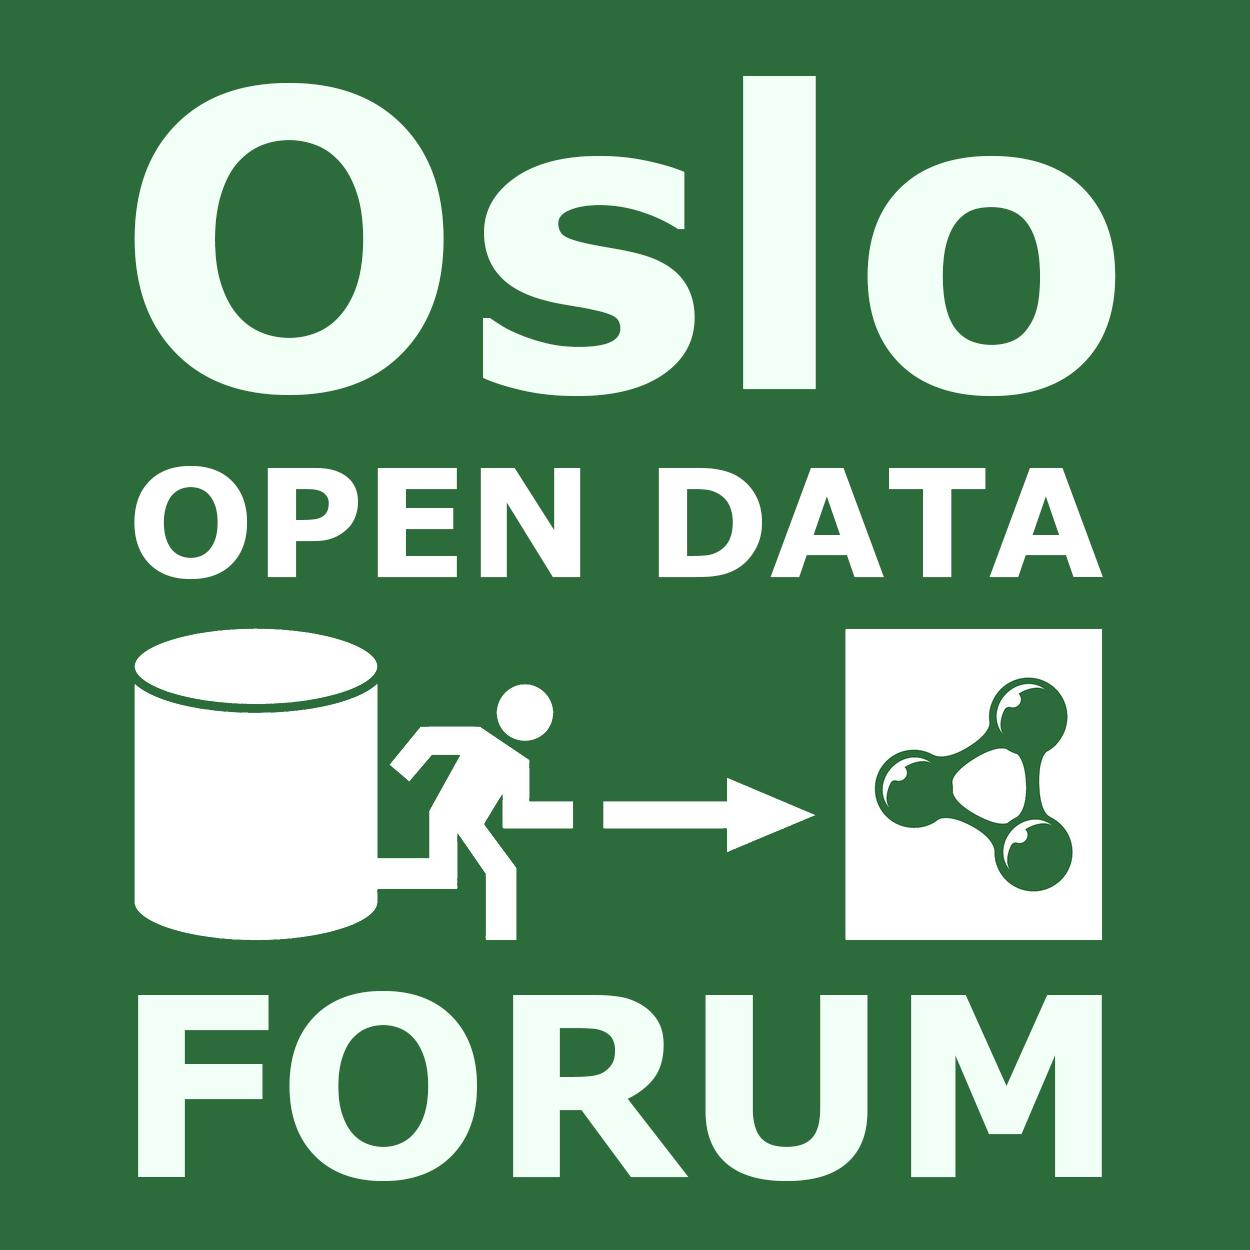 Open Data Week: Lean Coffee - Oslo Open Data Forum (Oslo ... - photo#37